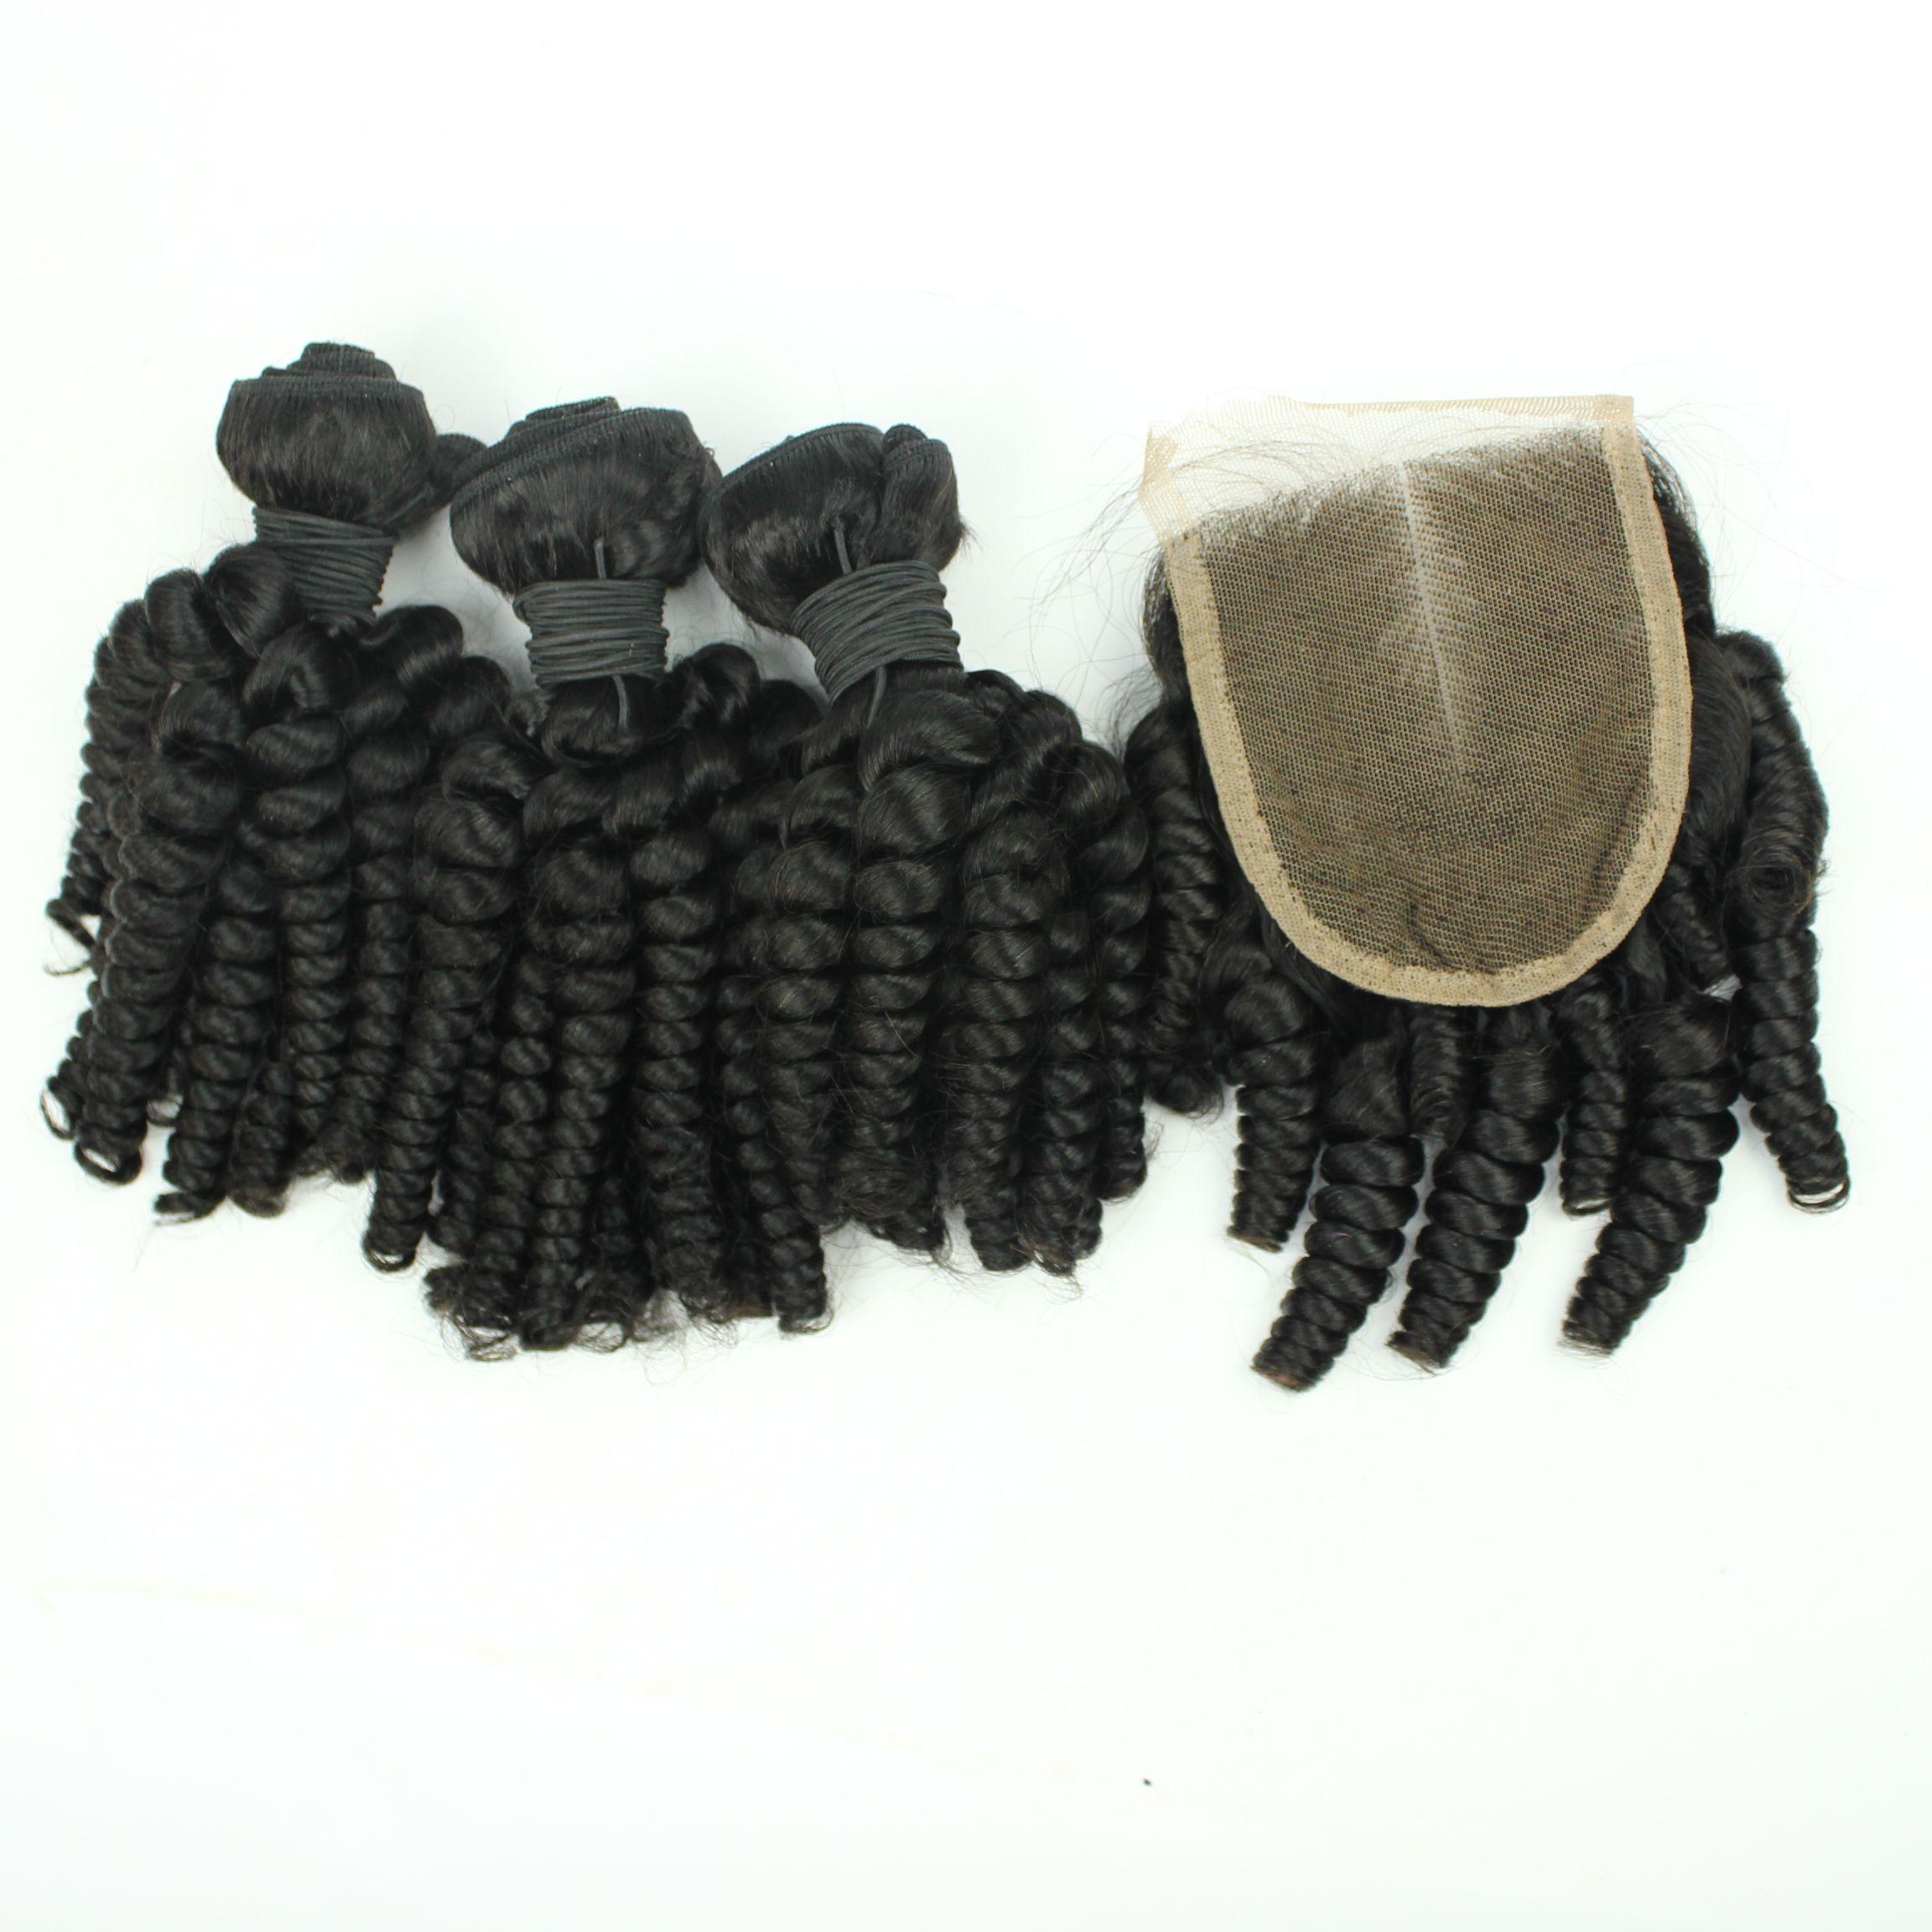 브라질 머리카락 묶음 레이스 클로즈 Funmi Curly Human Weave 미처리 버진 헤어 인도 말레이지아 페루 헤어 익스텐션